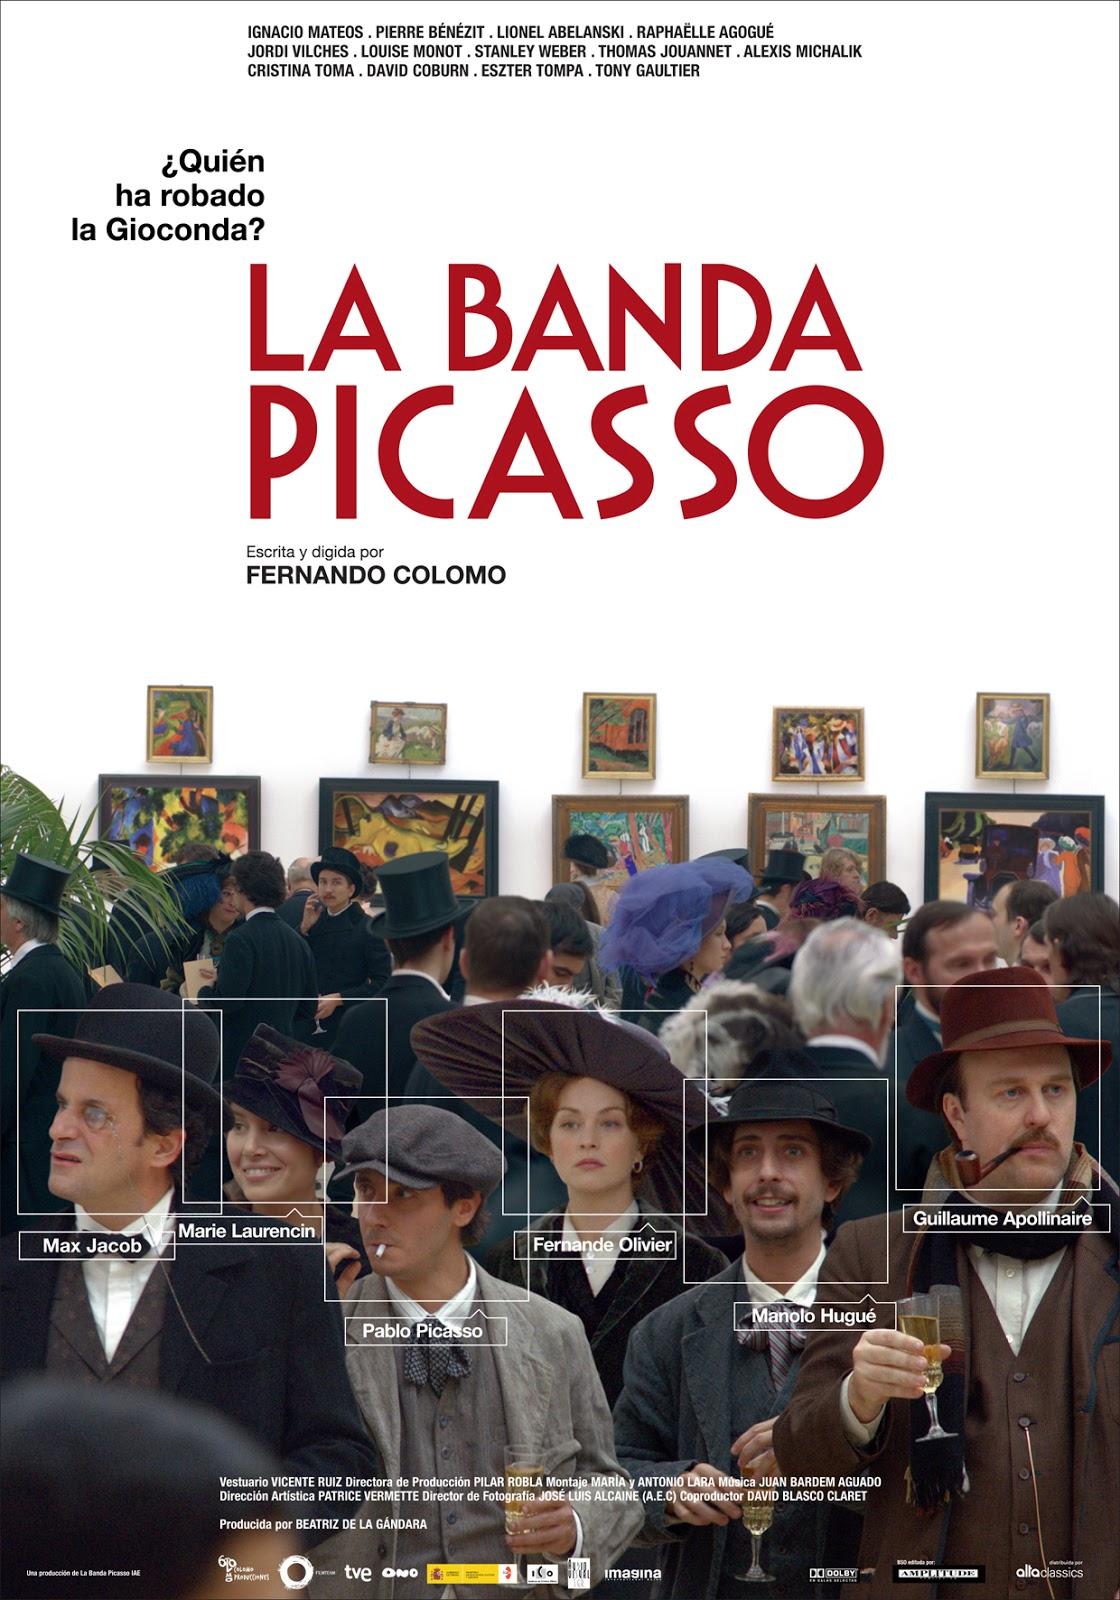 La banda Picasso': ¿Quién ha robado la Gioconda?